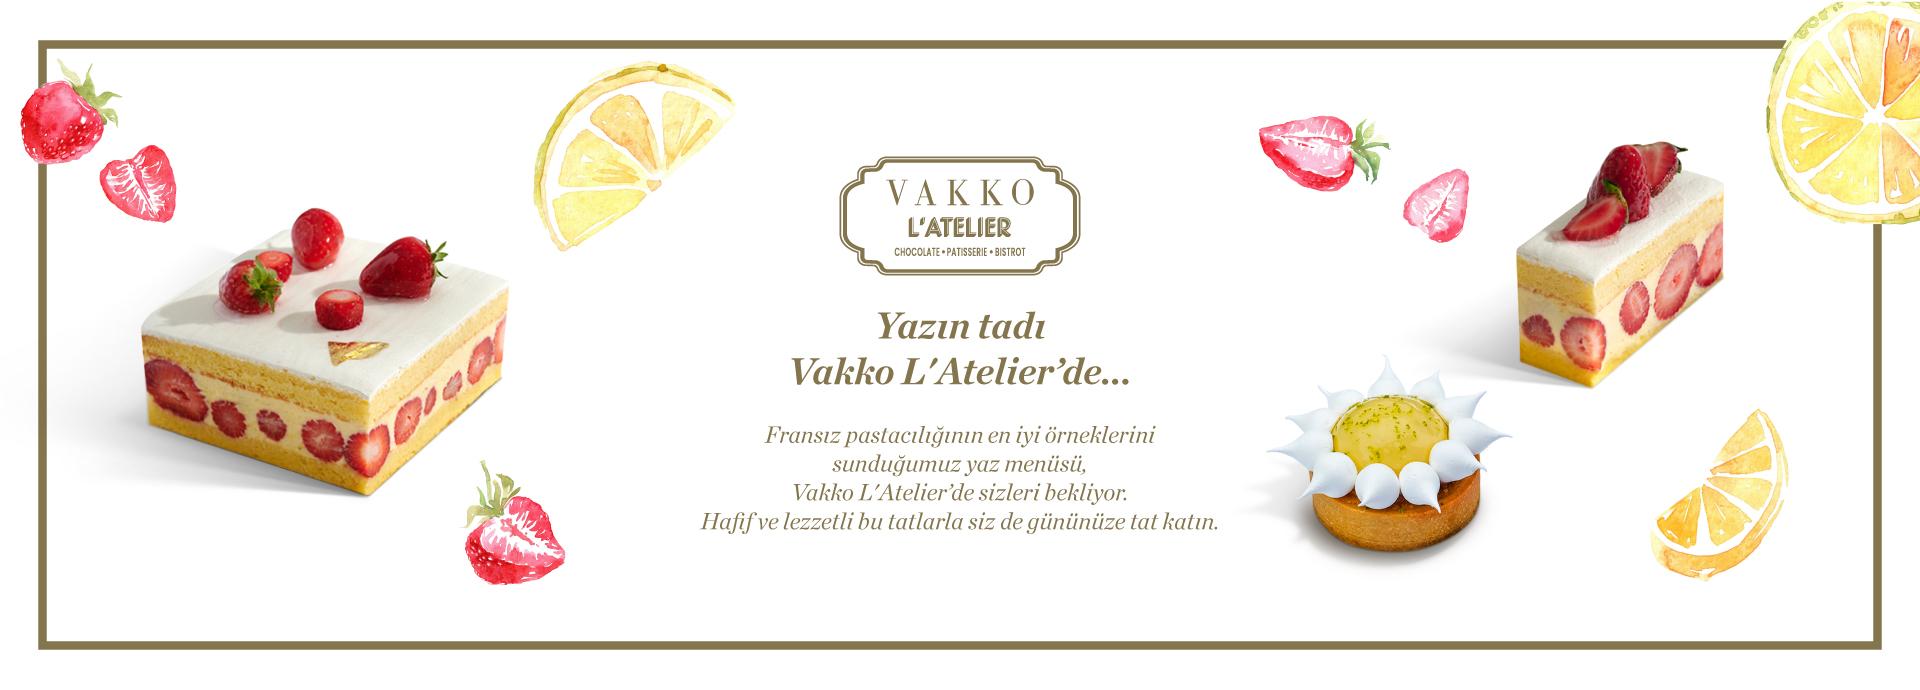 VAKKO_latelier_yaz_lezzetleri-07[1]-wordpress